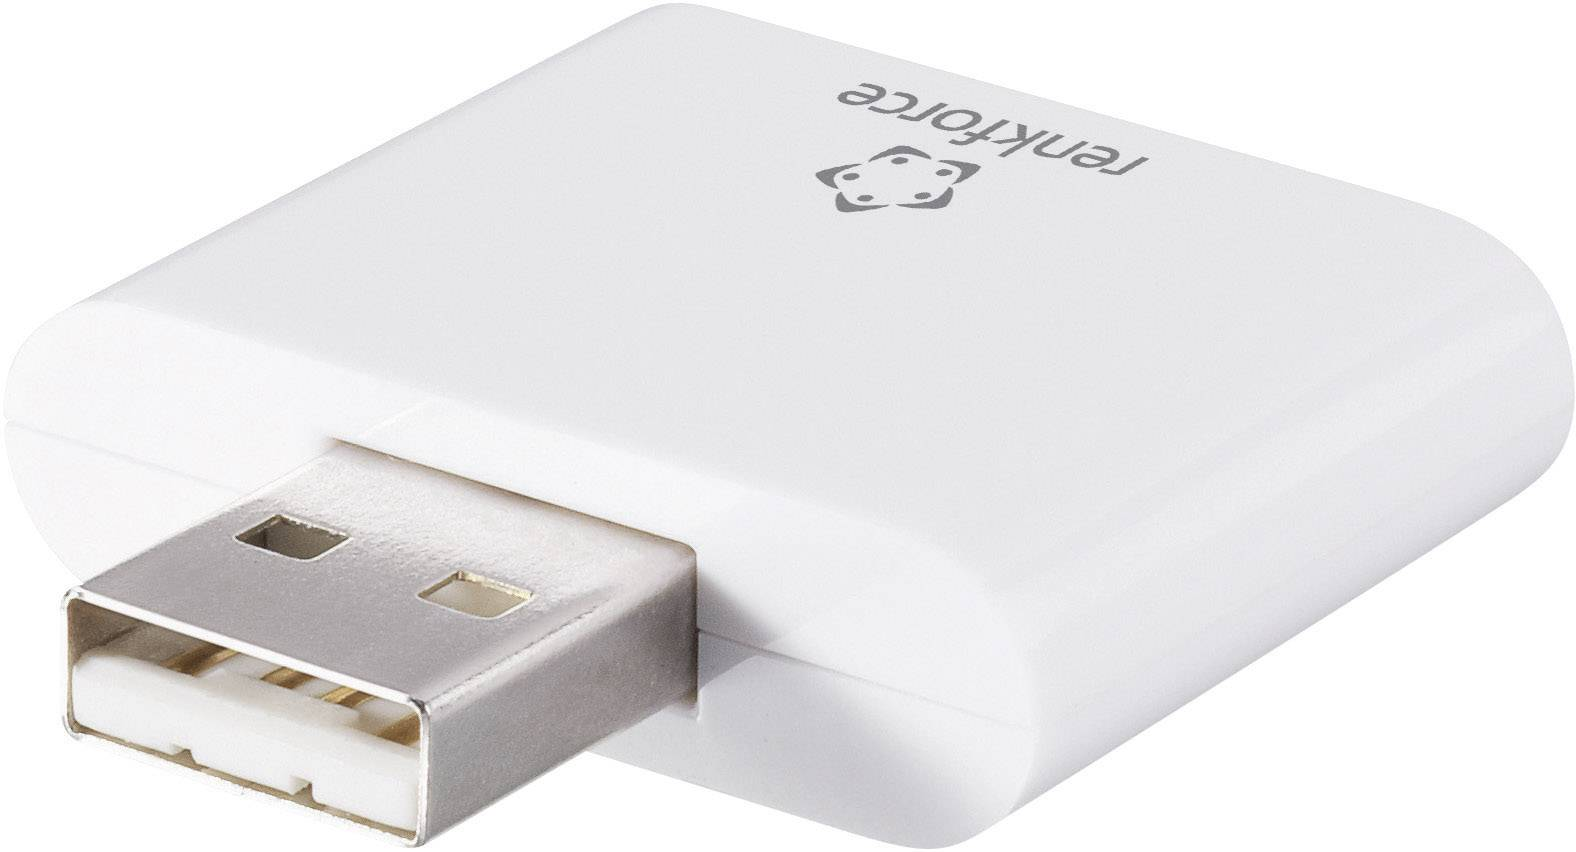 Externí čtečka paměťových karet Renkforce CR20e-K, USB 2.0, bílá